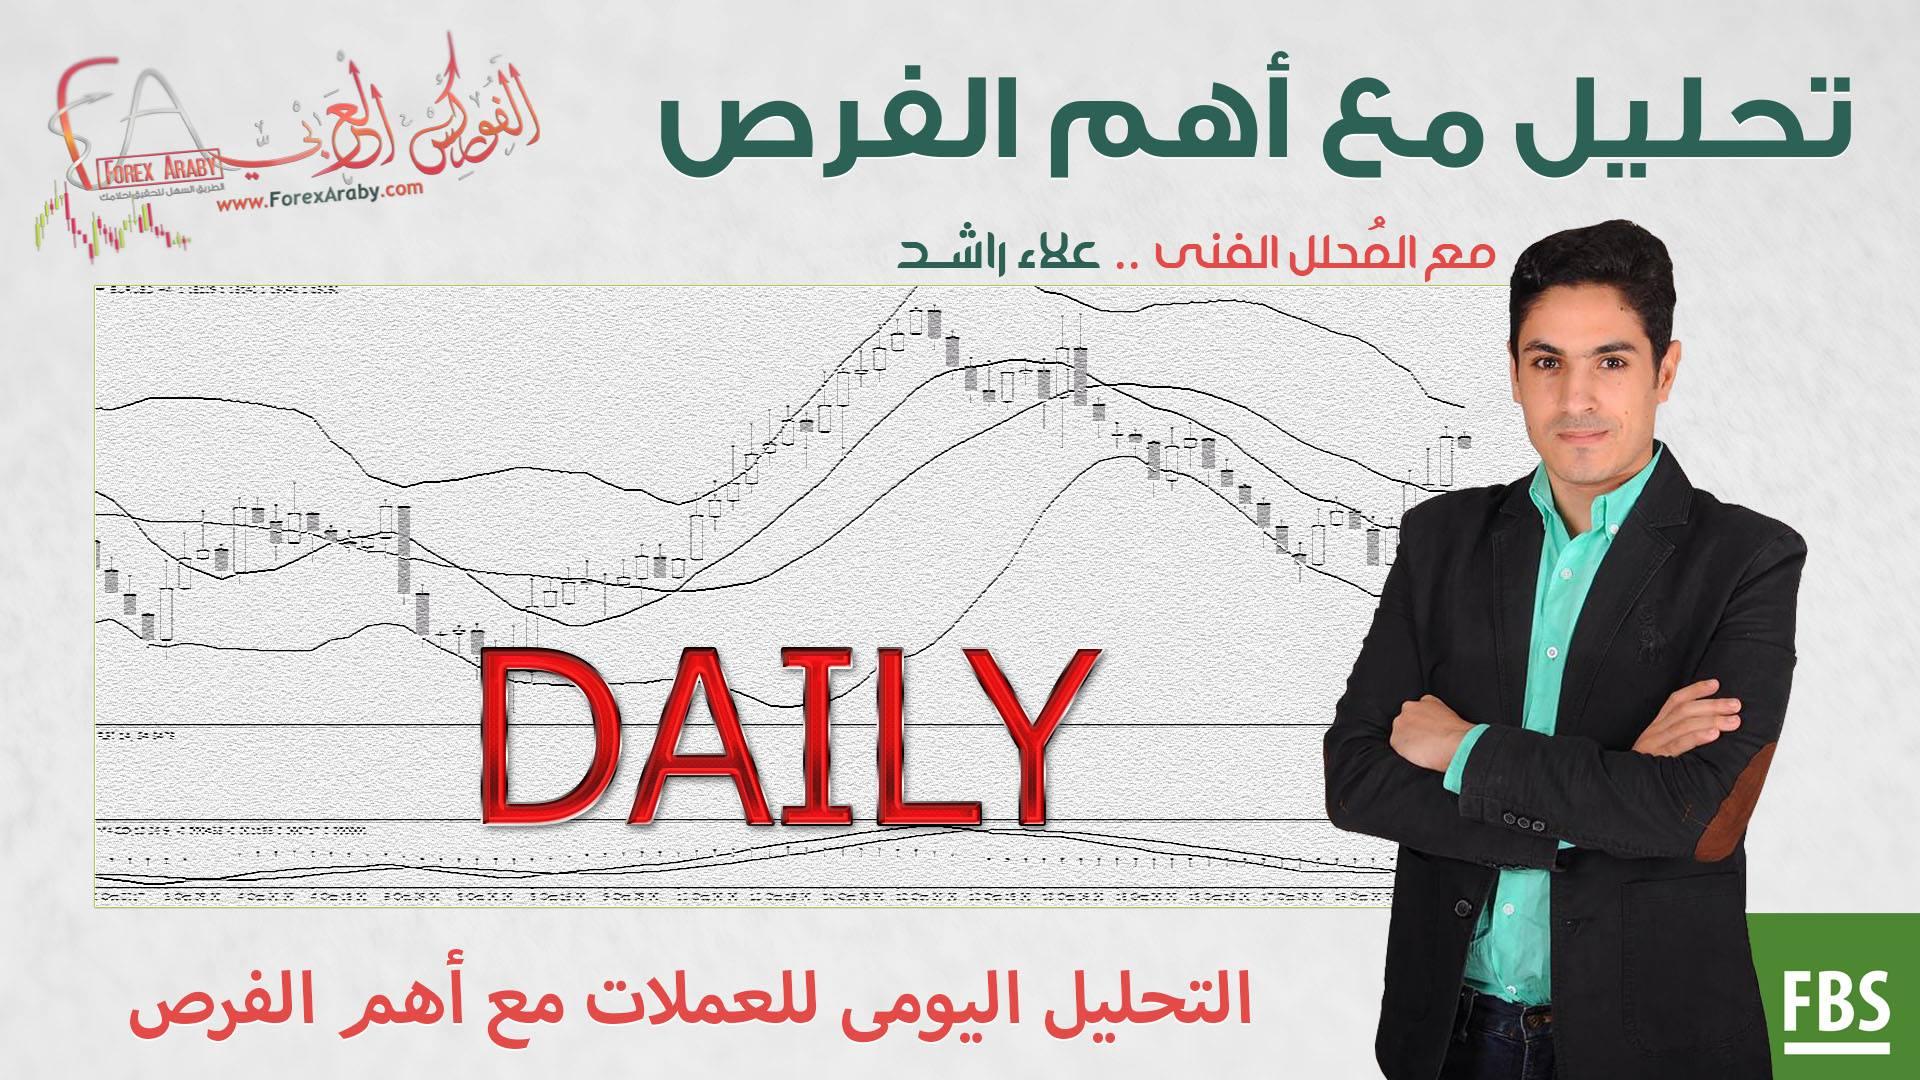 التحليل اليومى للعملات وأهم الفرص ليوم 10/1/2018